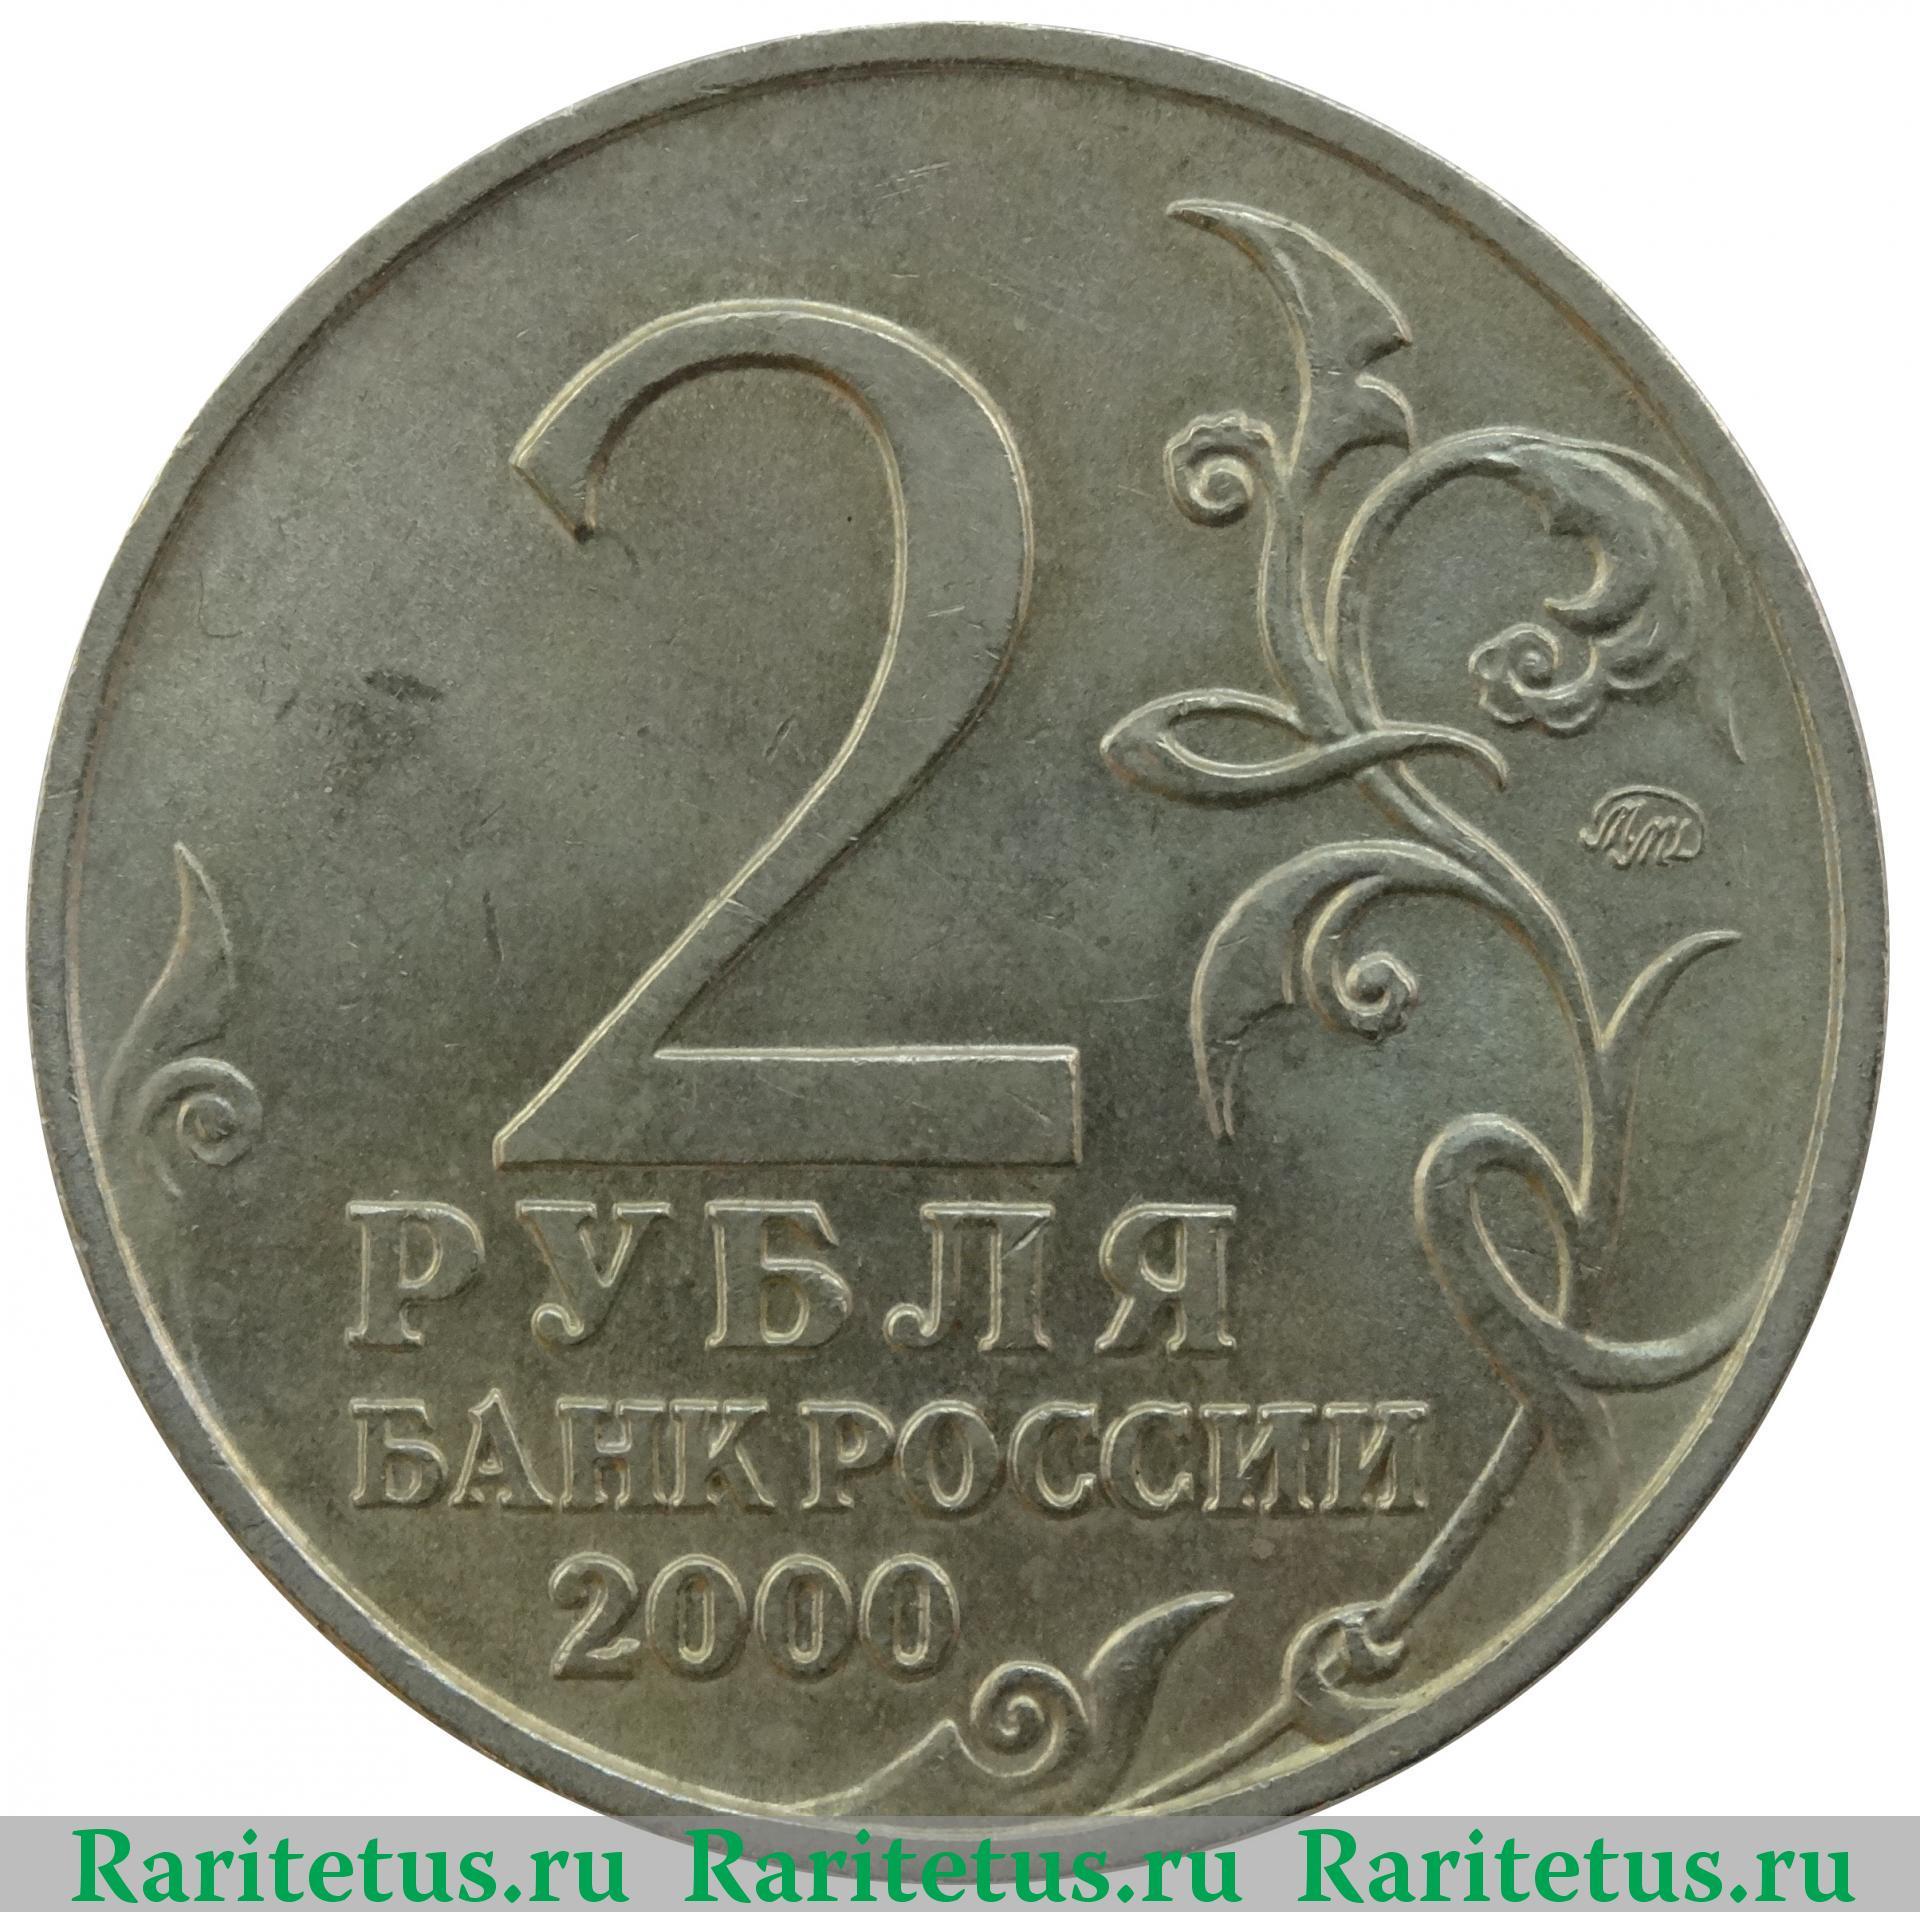 10 рублей 2000 года цена стоимость монеты стоимость 50 копеек 2002 года цена